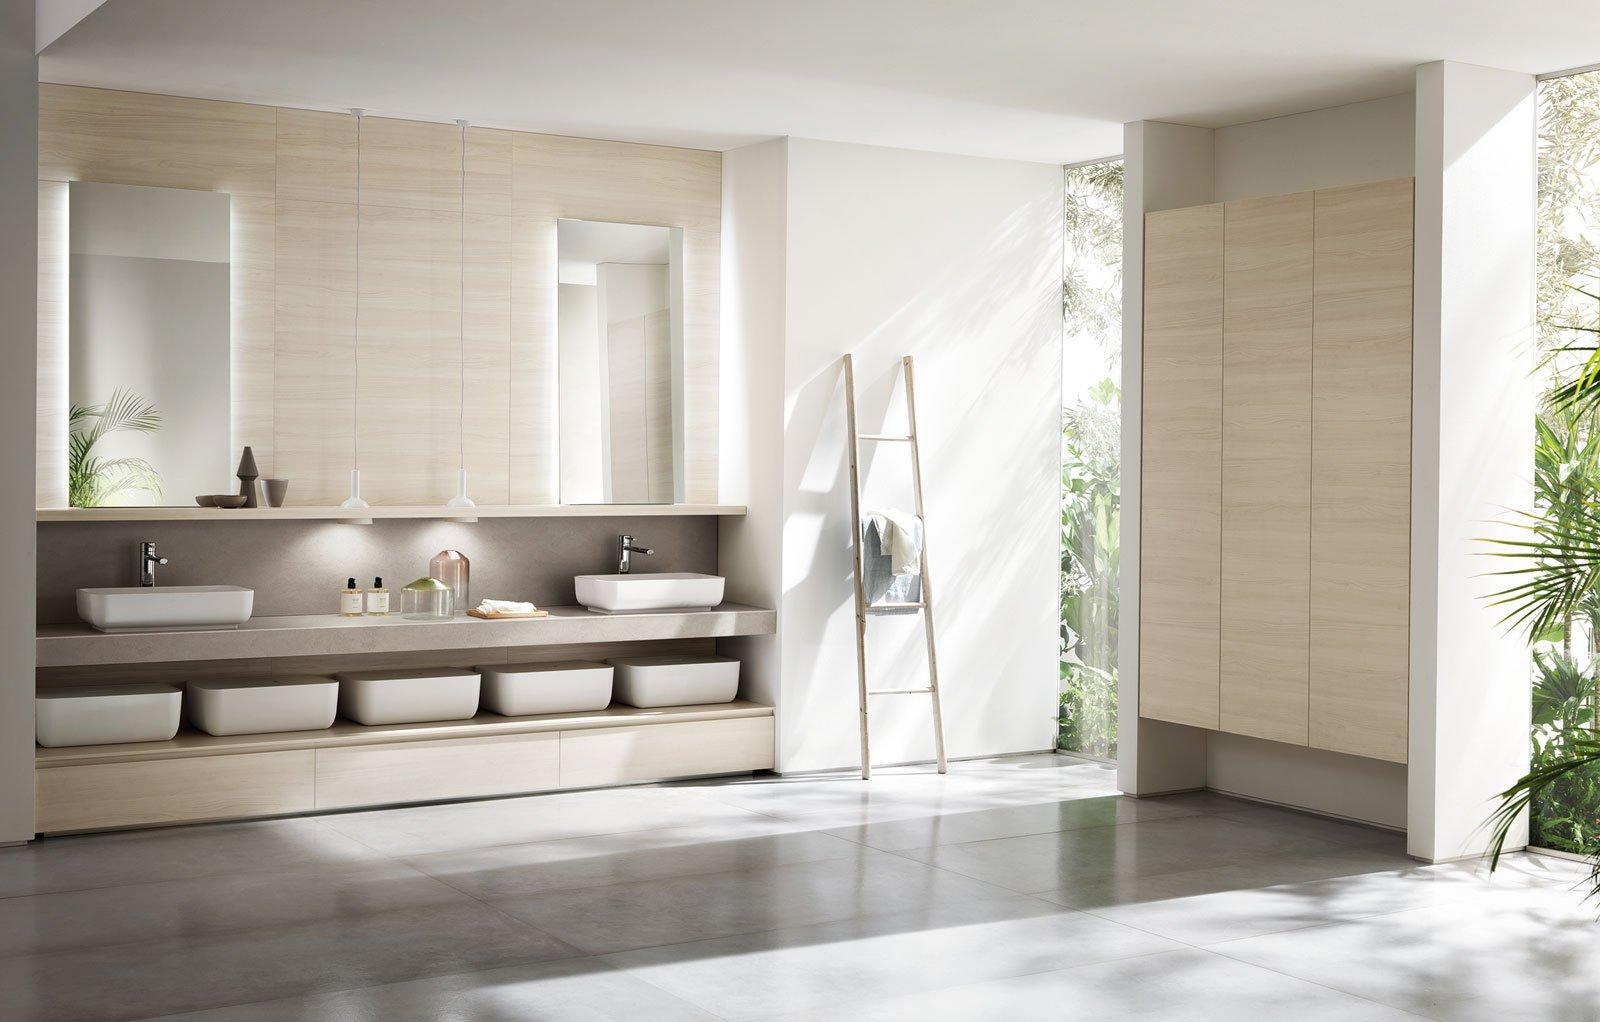 Scelte di stile per il bagno ispirazione zen per assicurarsi